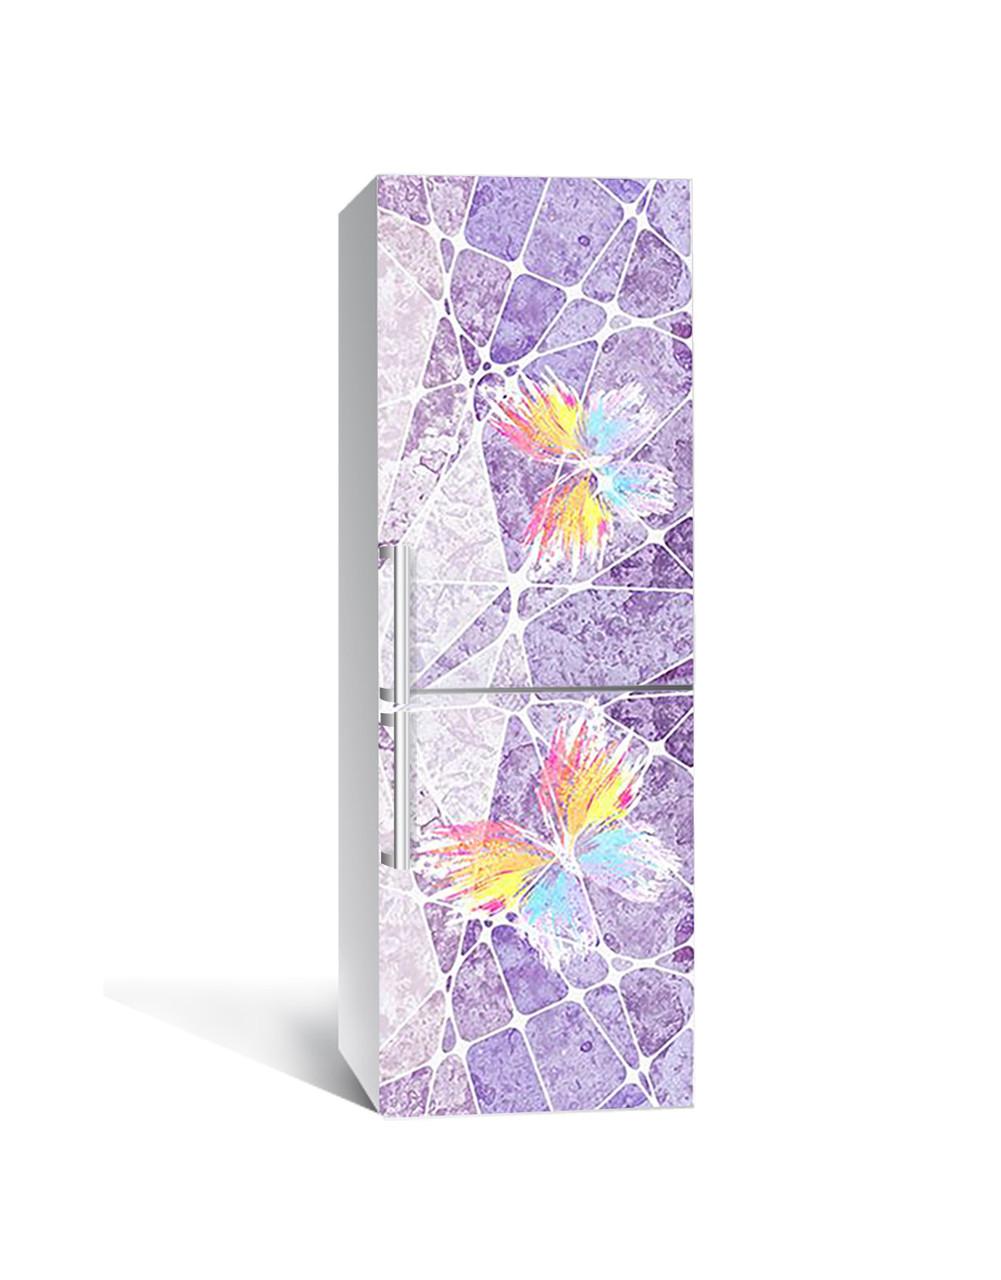 Виниловая 3Д наклейка на холодильник Красочные Бабочки (ПВХ пленка самоклеющаяся) под штукатурку Текстура Фиолетовый 650*2000 мм